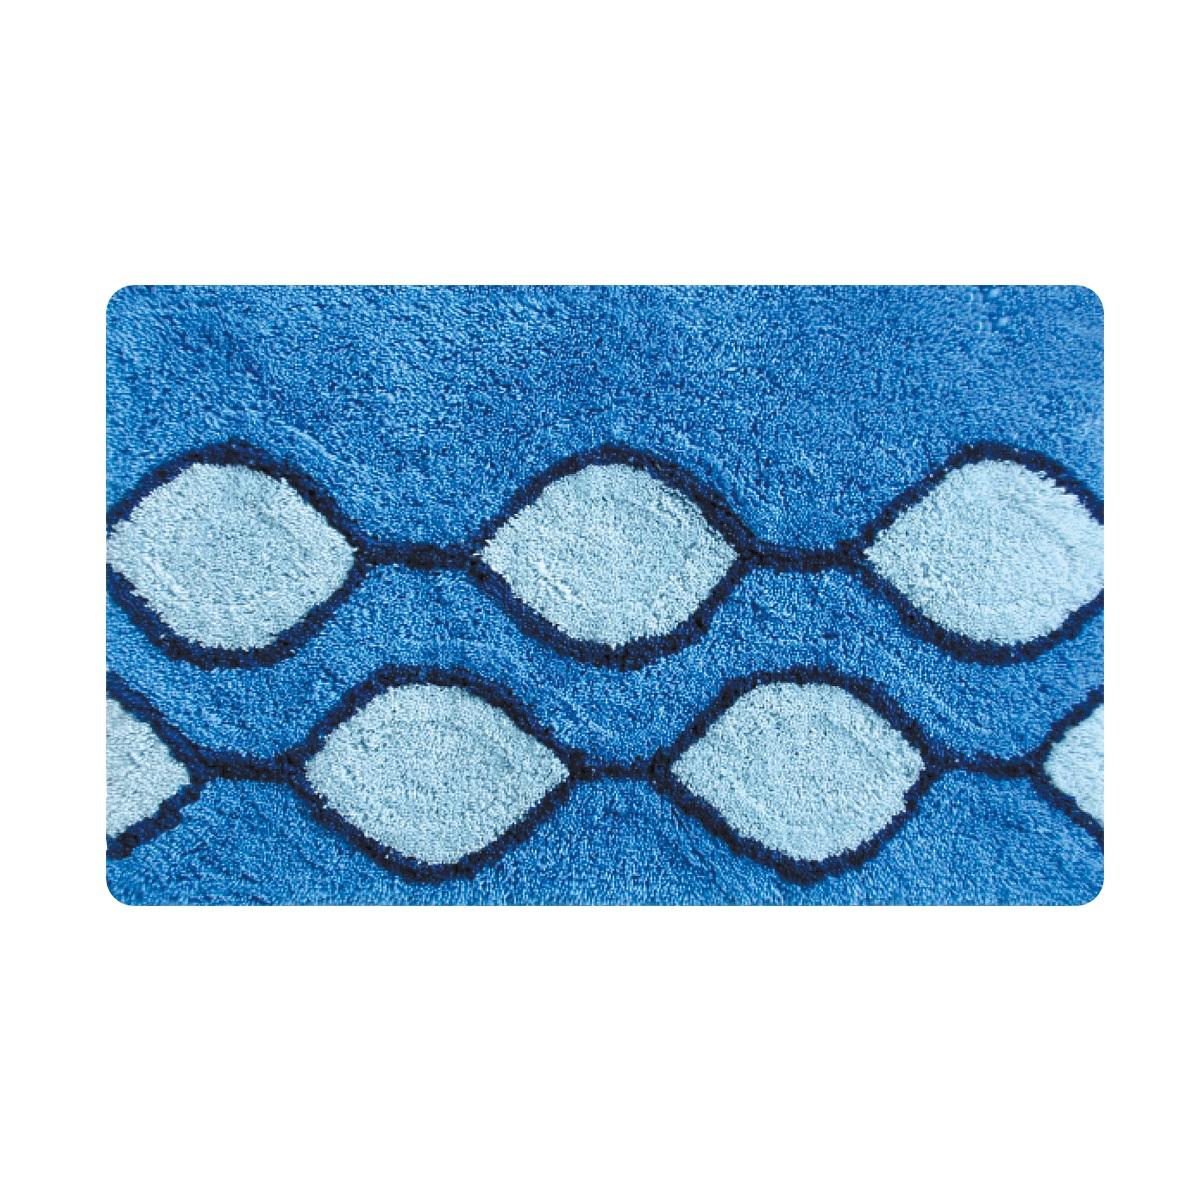 Коврик для ванной Iddis Curved Lines Blue, цвет: синий, 50 х 80 см штора для ванной iddis curved lines blue цвет голубой 200 x 200 см